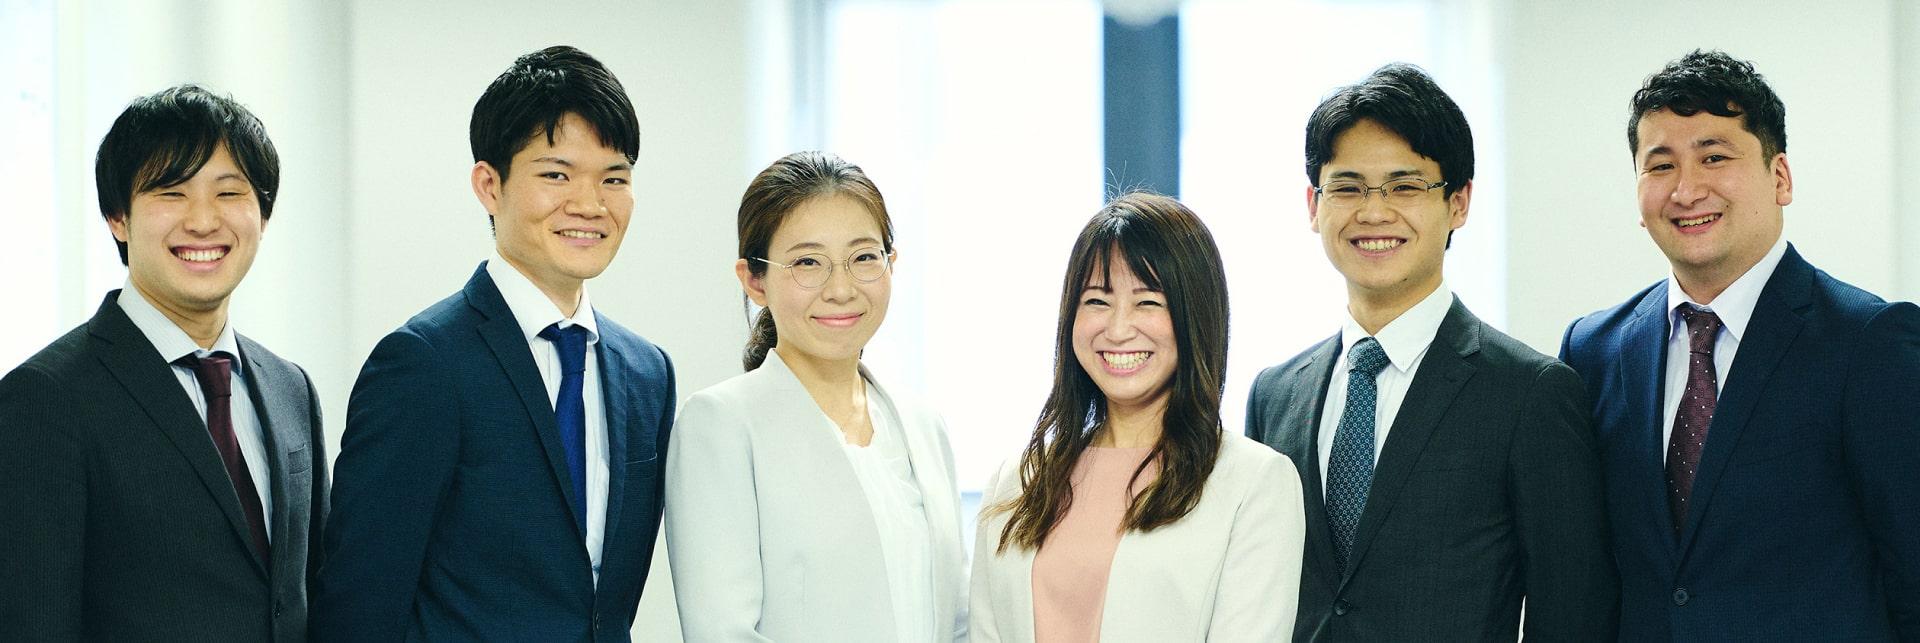 アクタス大阪事務所のメンバー